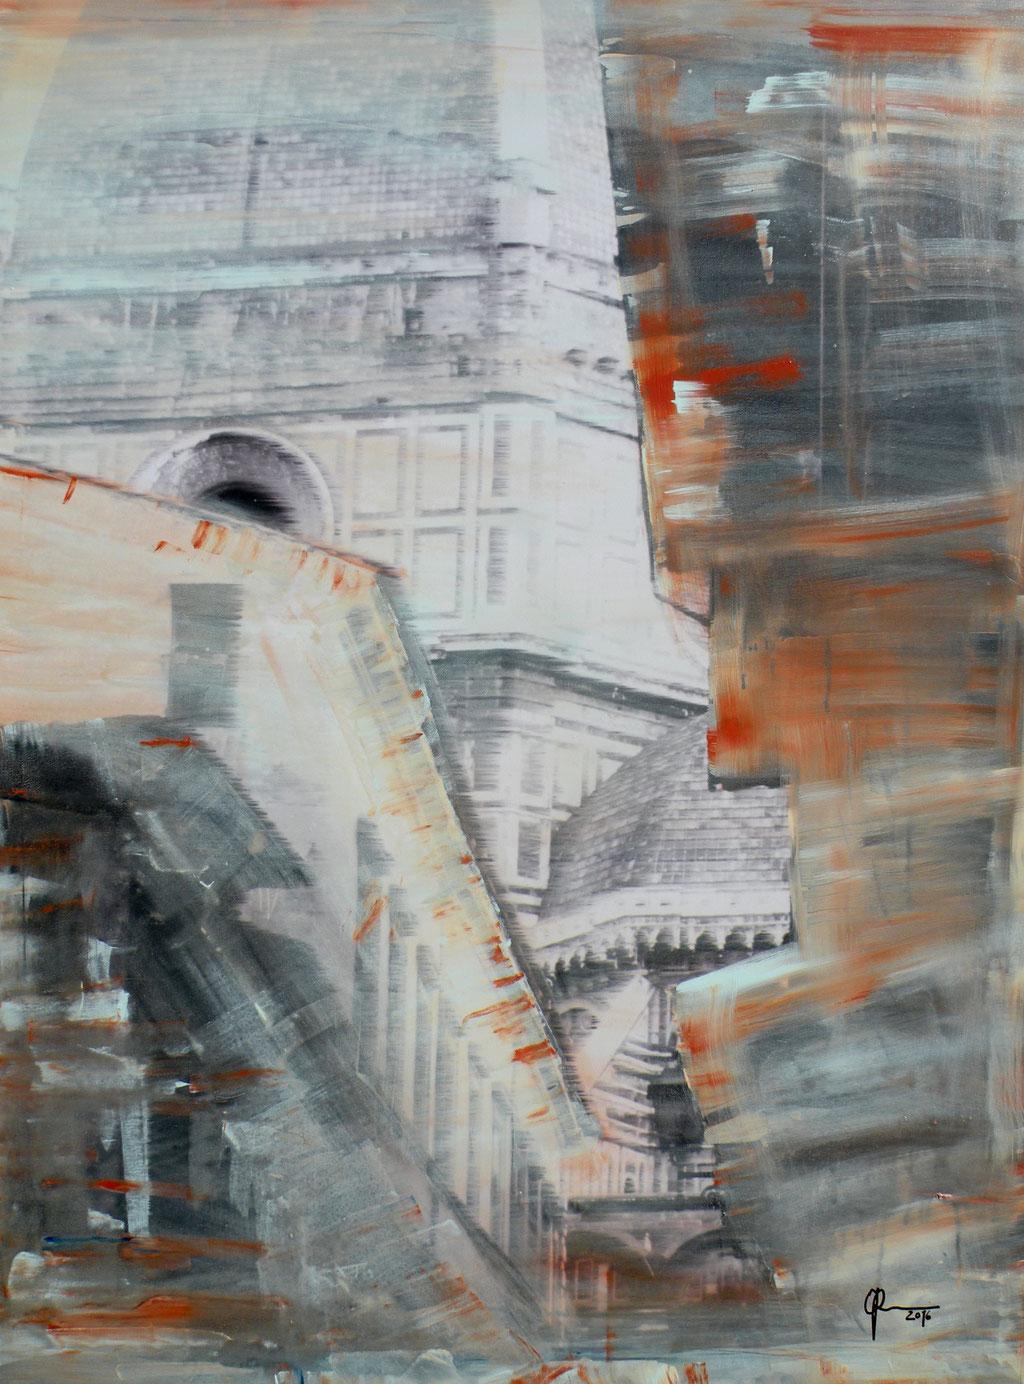 Il Duomo, Florenz, 75 x 100 cm, Mischtechnik auf Leinwand, 2016